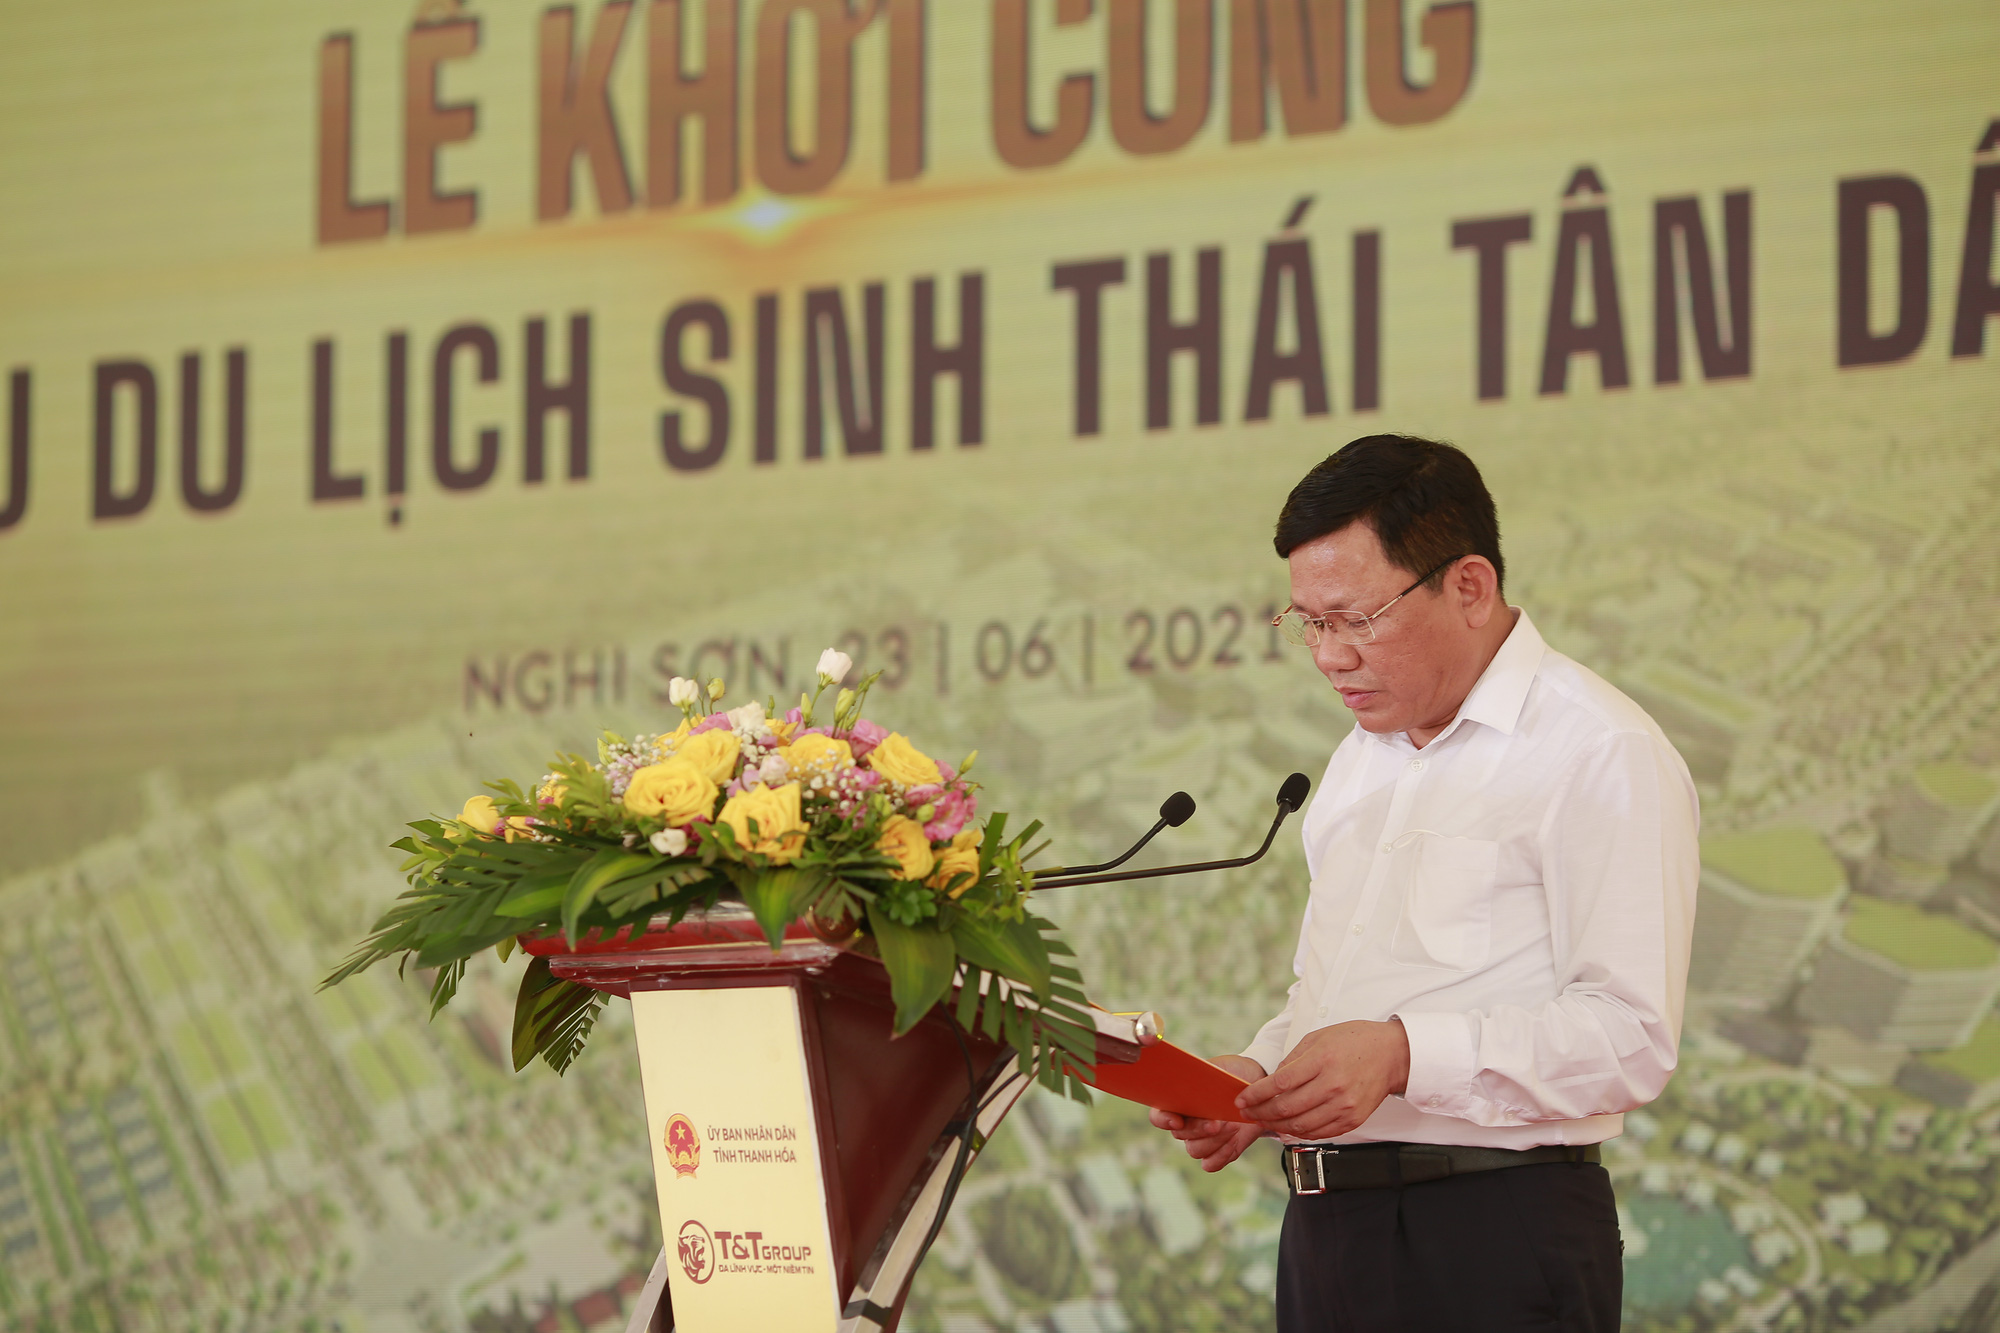 T&T Group khởi công xây dựng khu du lịch sinh thái biển tại Nghi Sơn - Thanh Hóa - Ảnh 6.